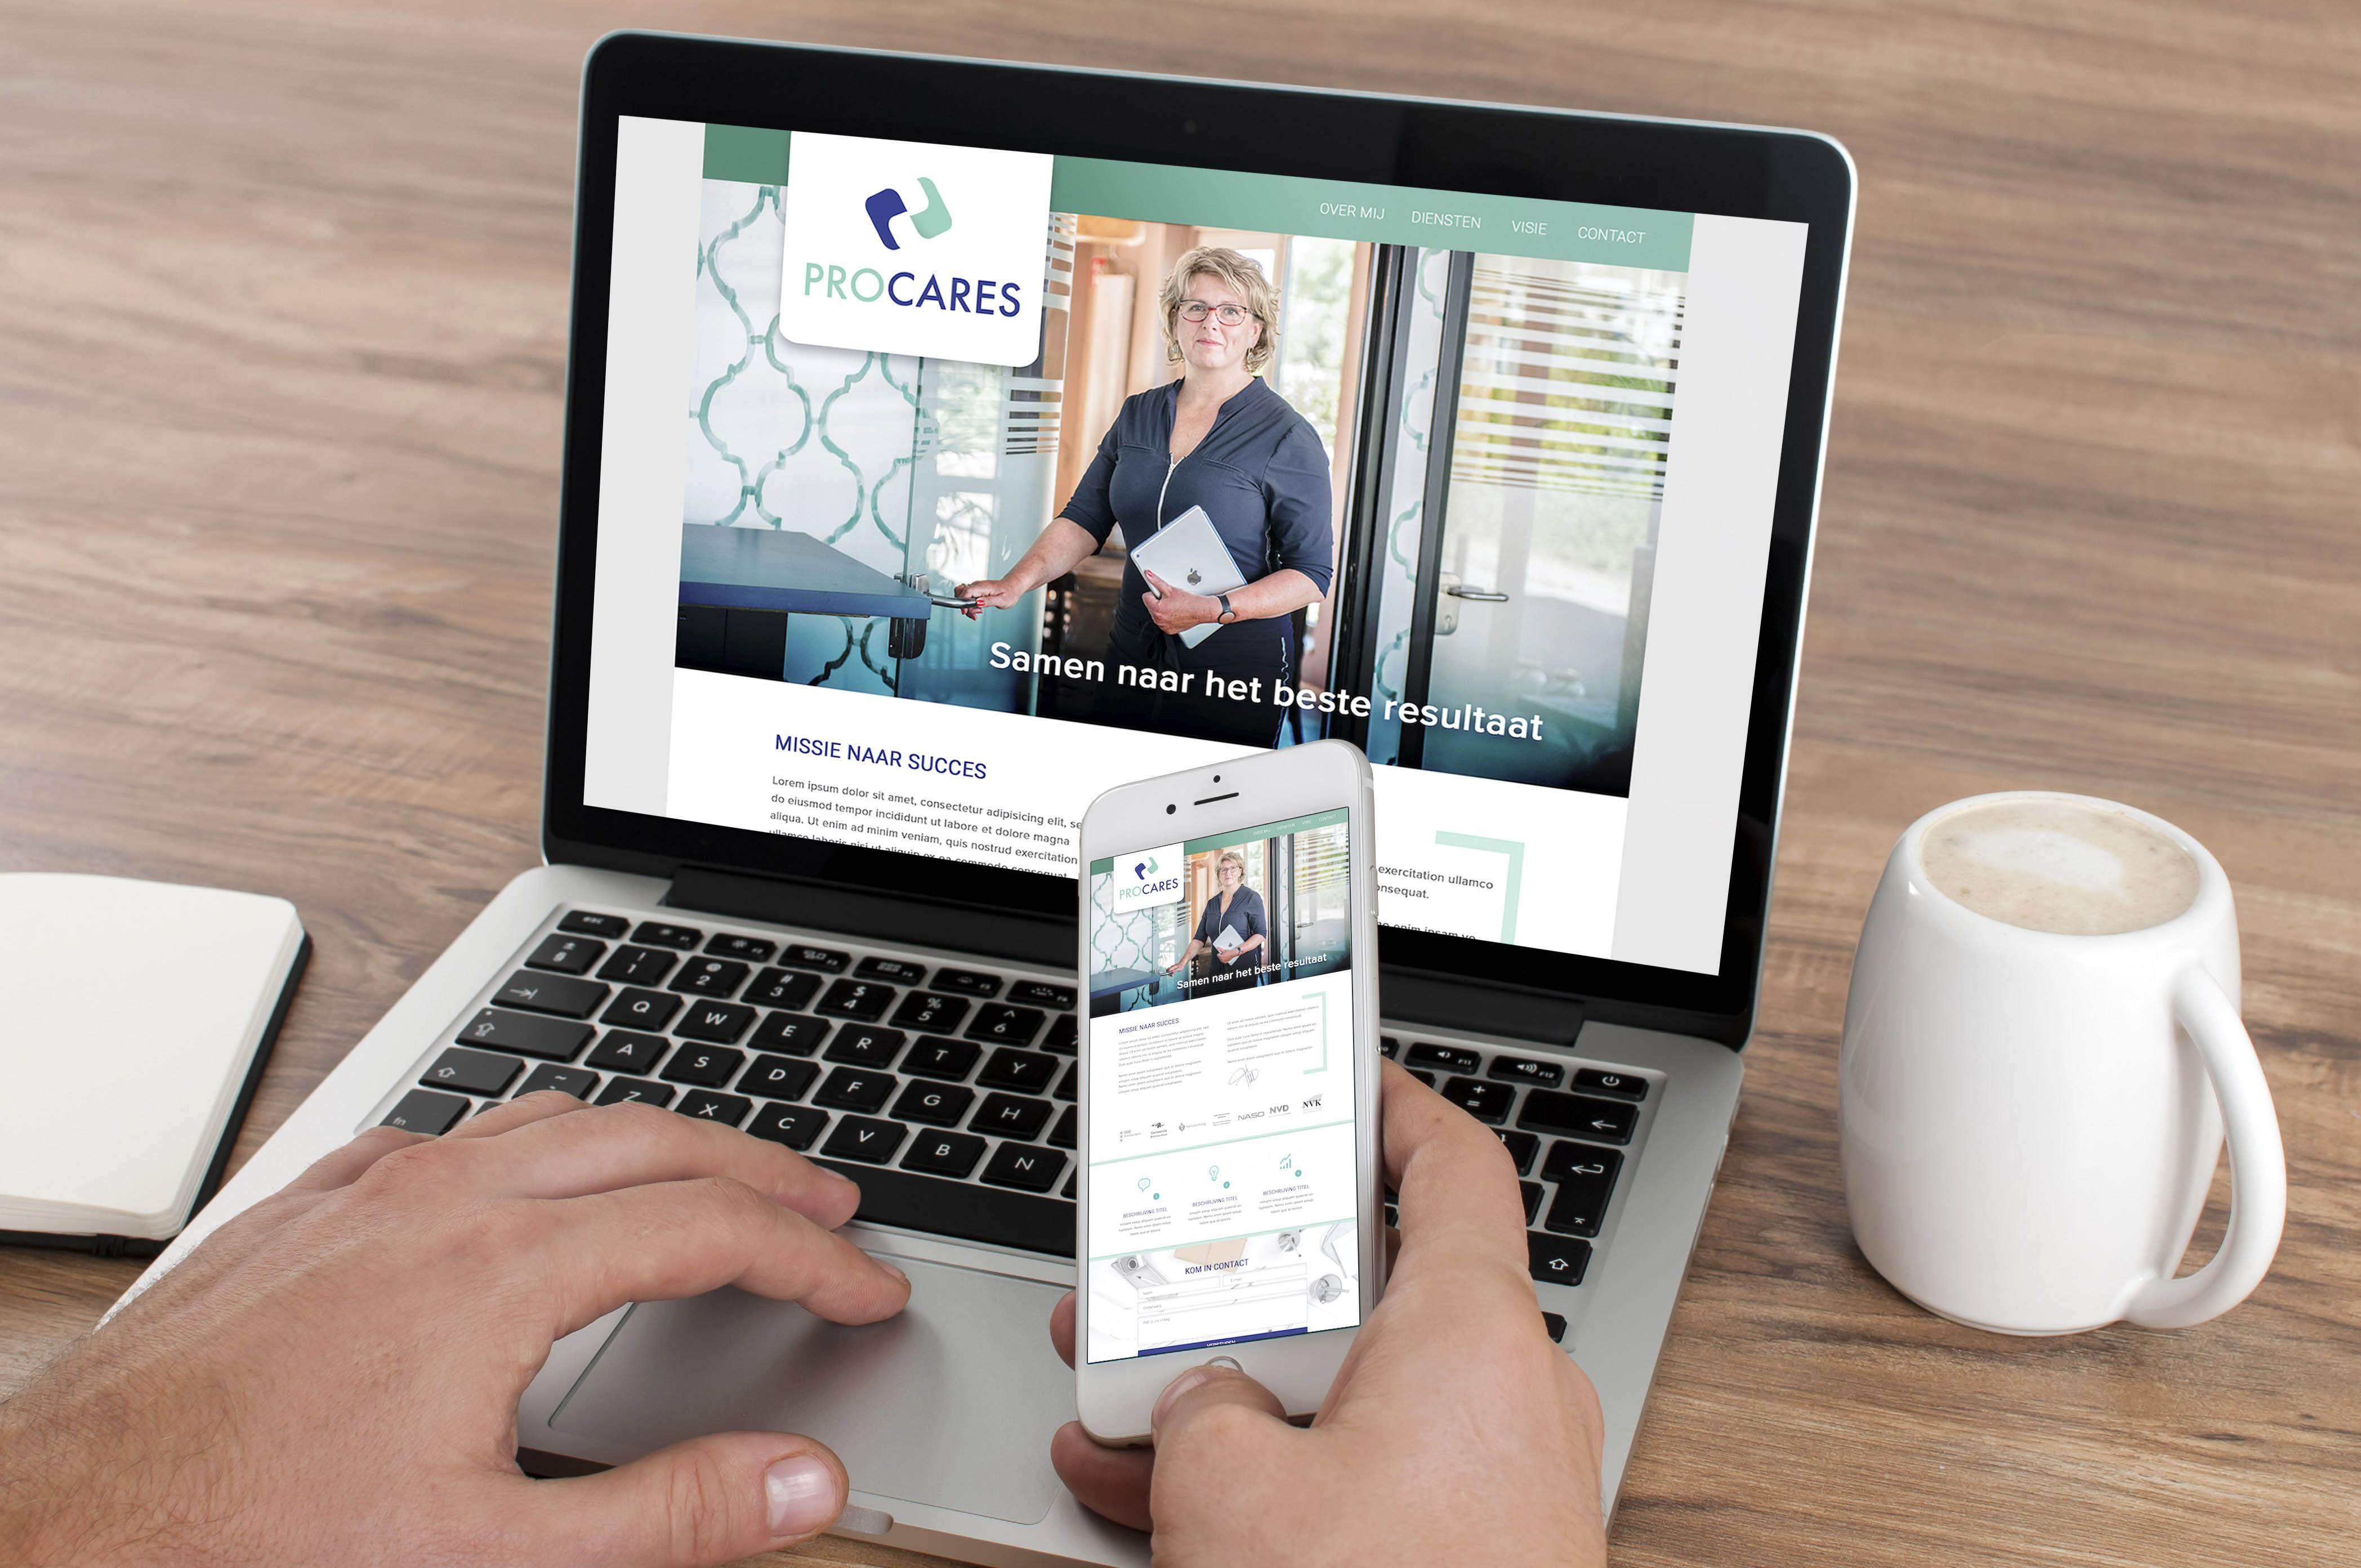 Procares-Webdesign